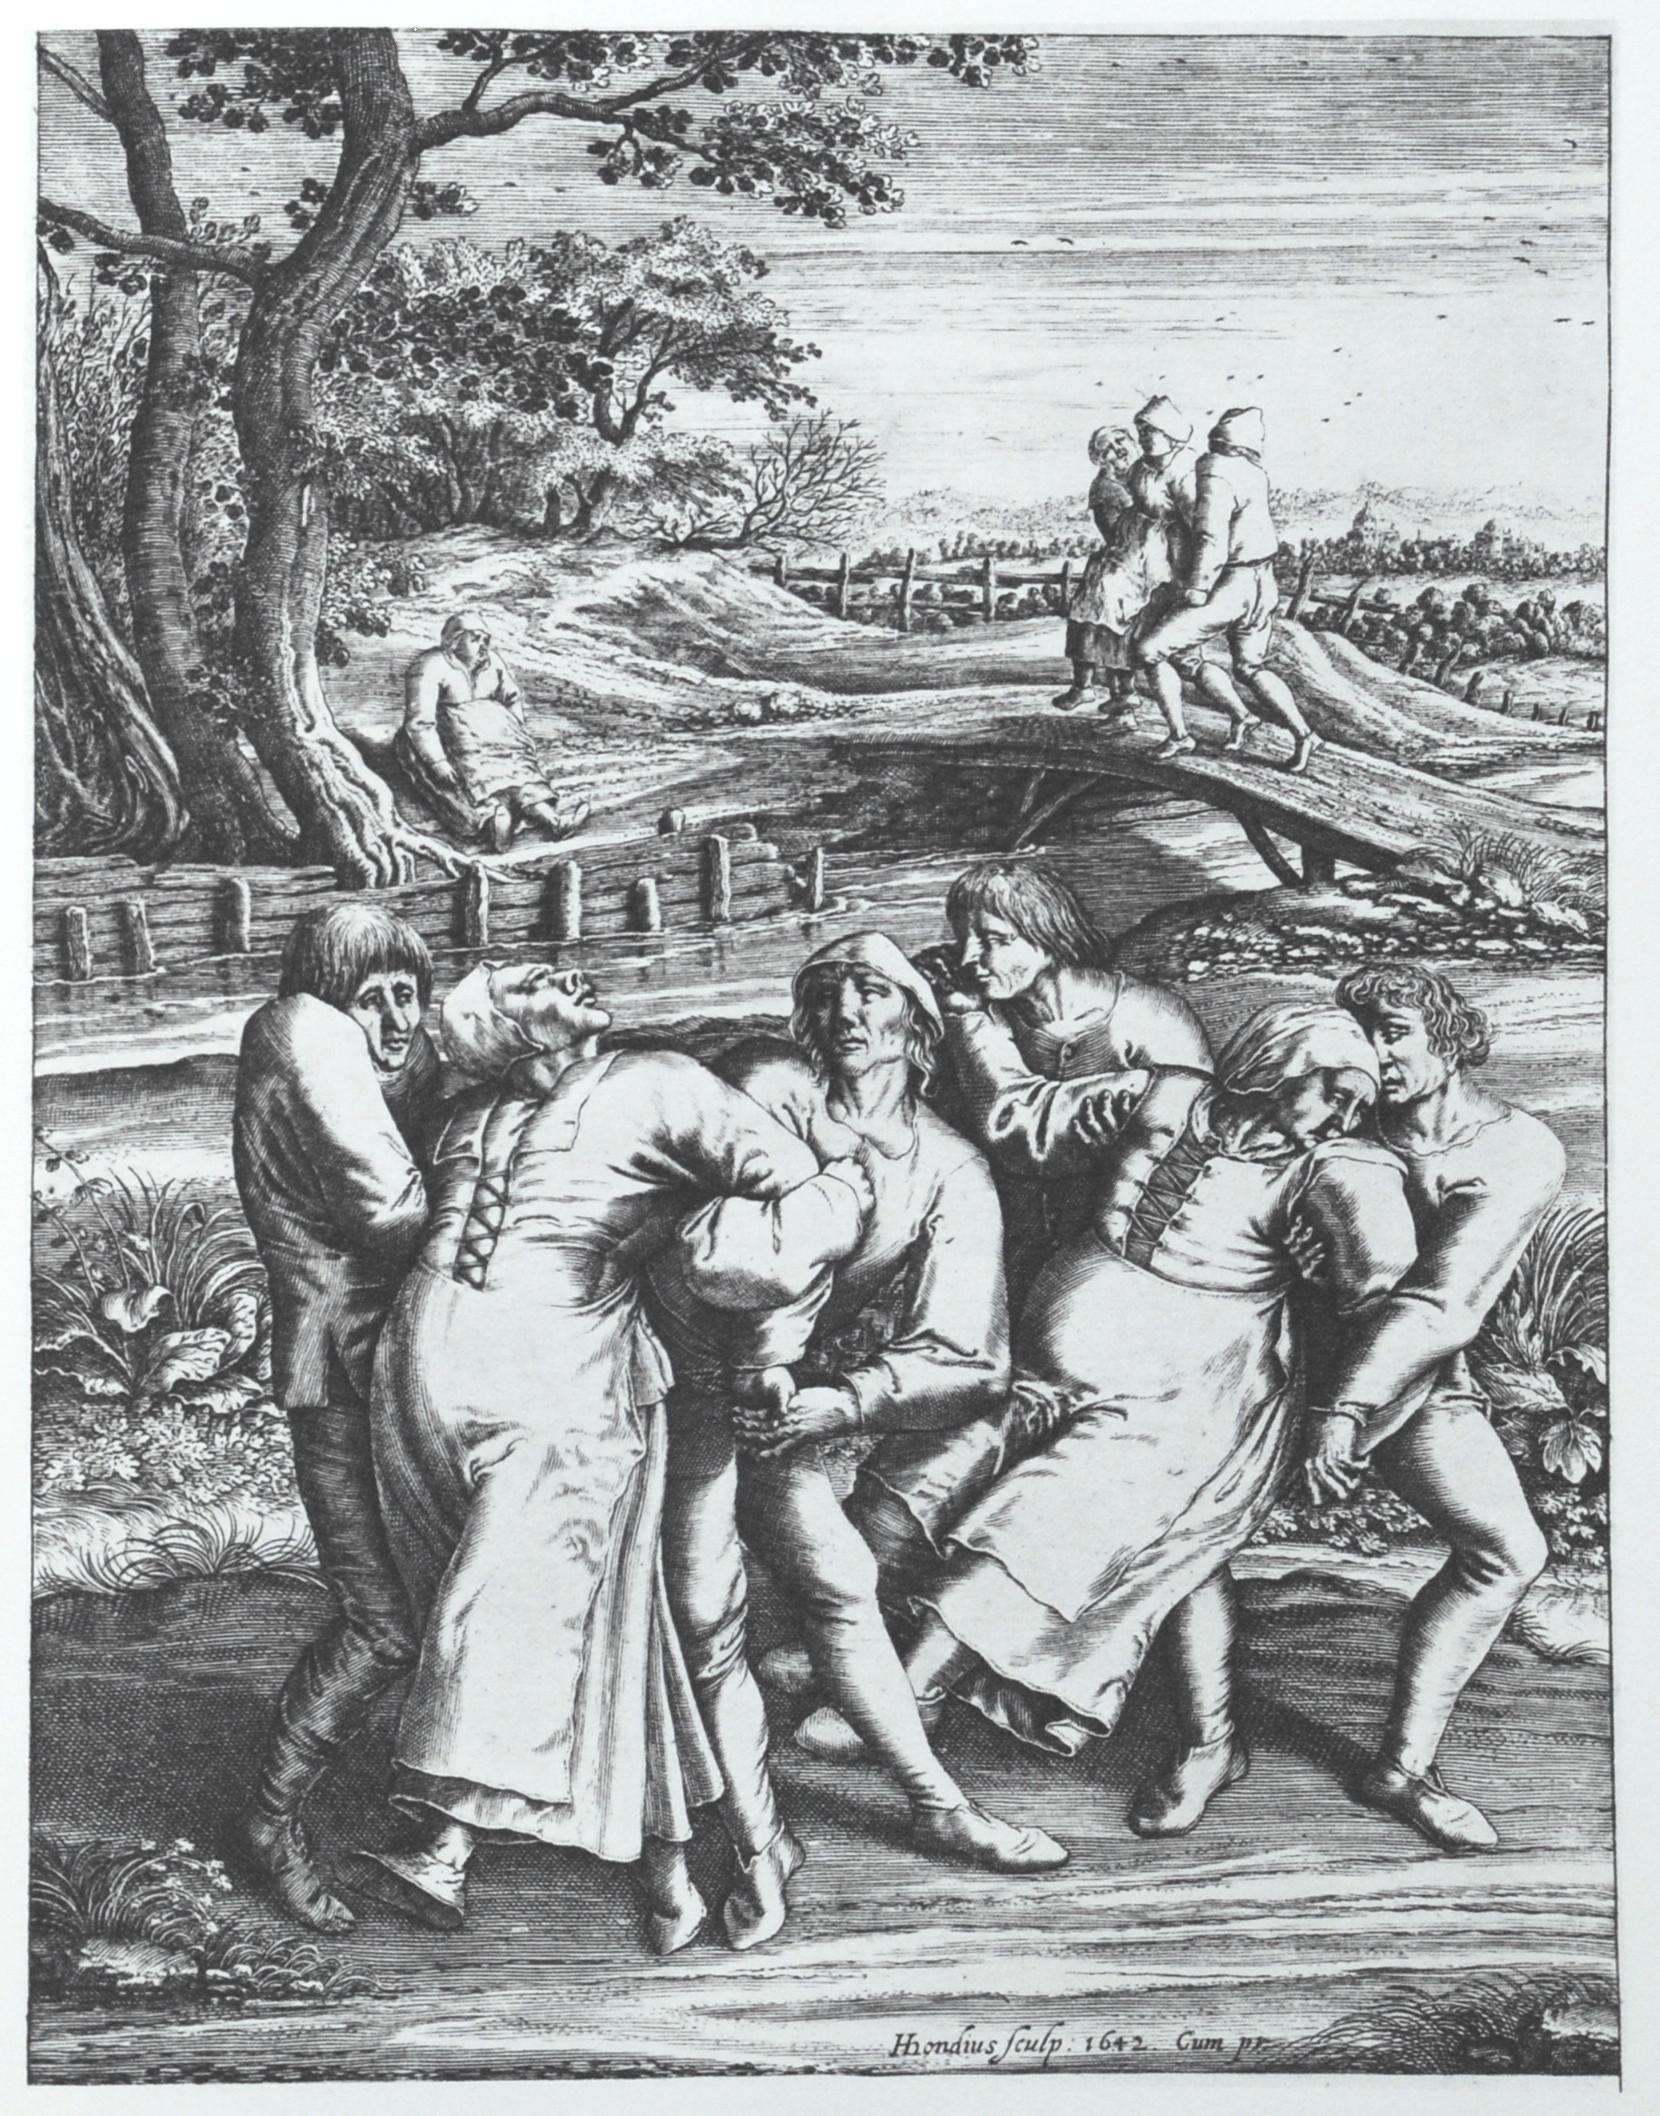 Опседнути играчи на путу ка цркви у Моленбек Сан Жану у Белгији. Гравура Хендрикса Хондијуса (1642) урађена према цртежу Питера Бројгела Старијег (1564).